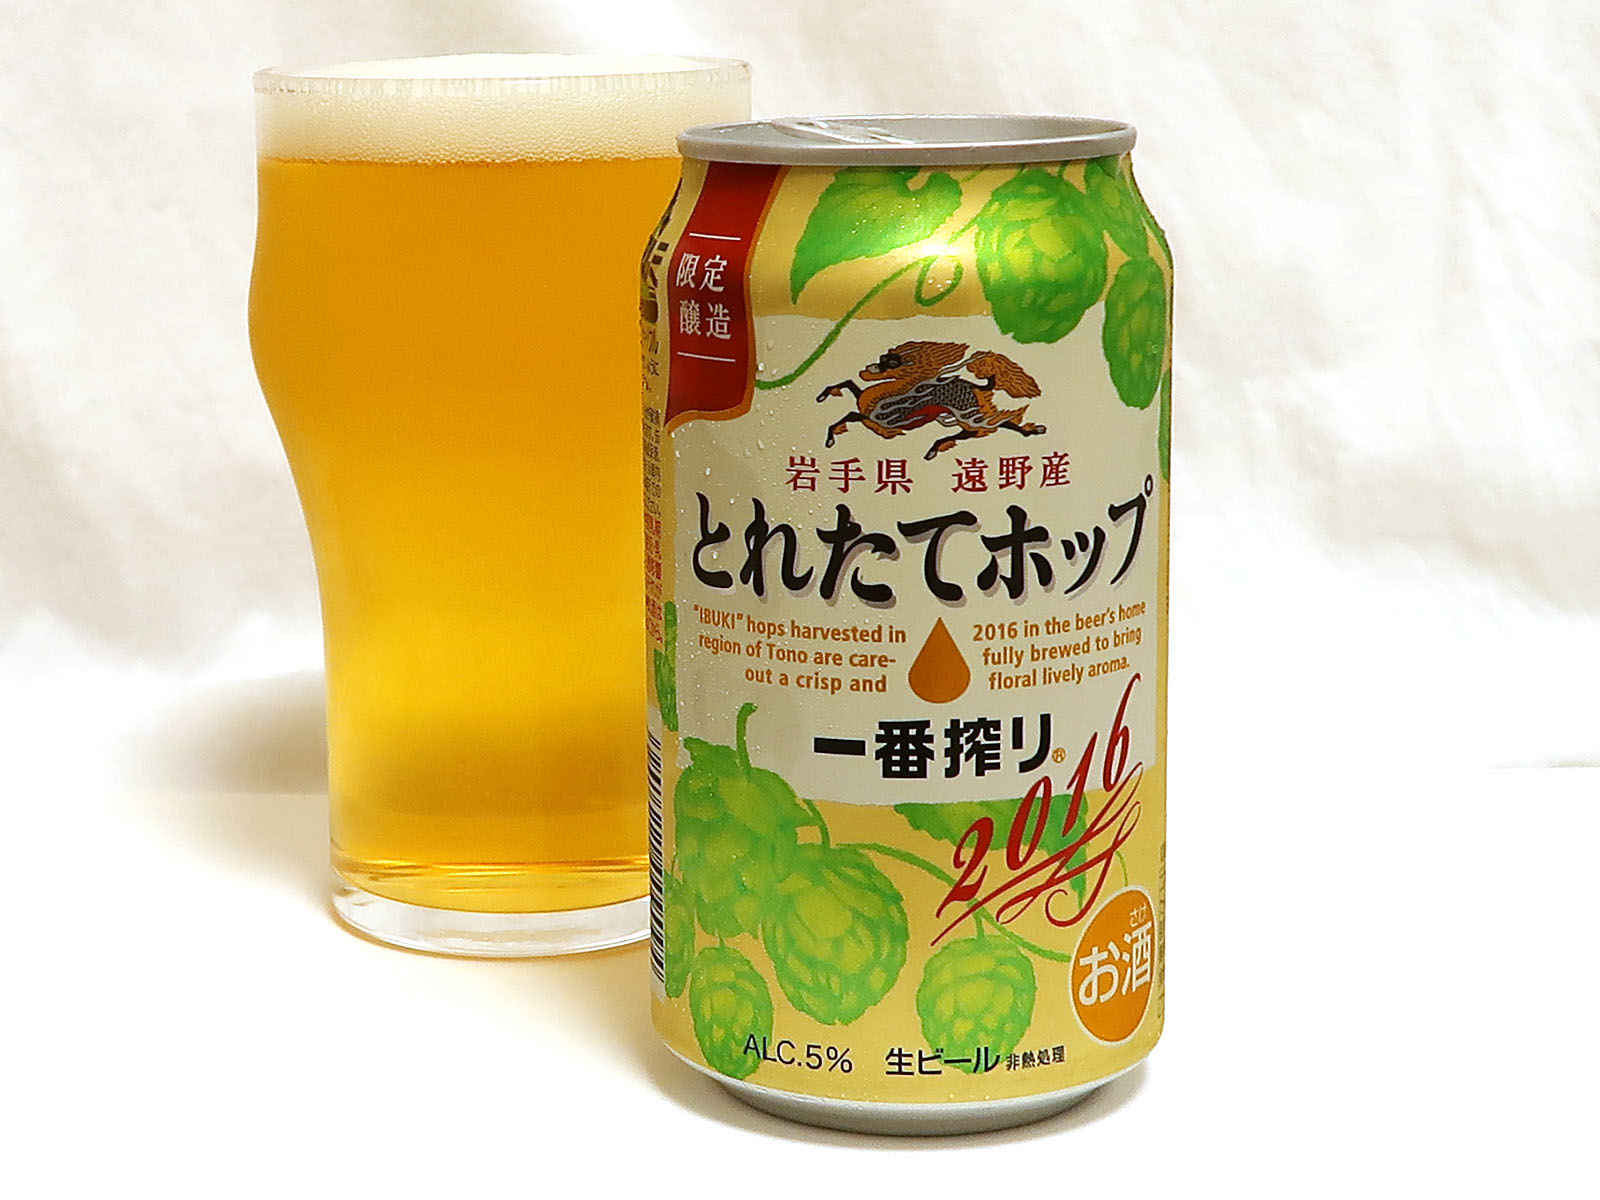 キリンビール 一番搾り とれたてホップ 2016岩手県遠野産ホップ